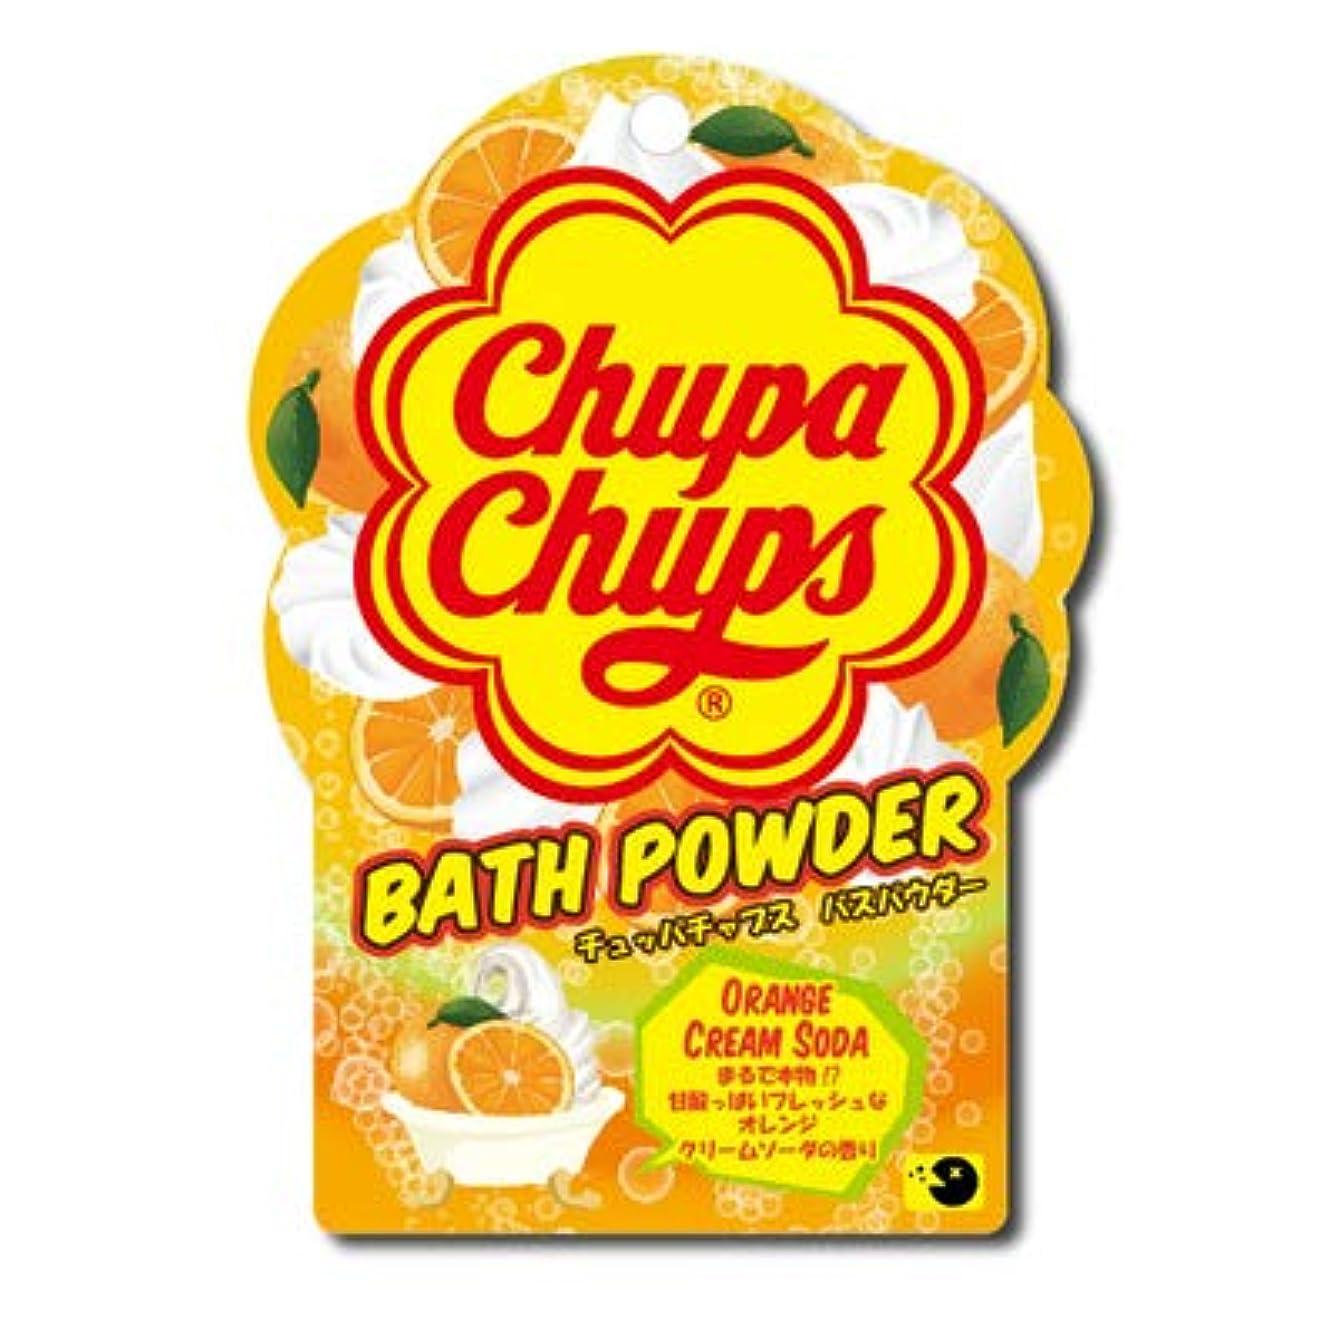 観察する彼らのあえて【まとめ買い6個セット】 チュッパチャプスバスパウダー オレンジクリームソーダ